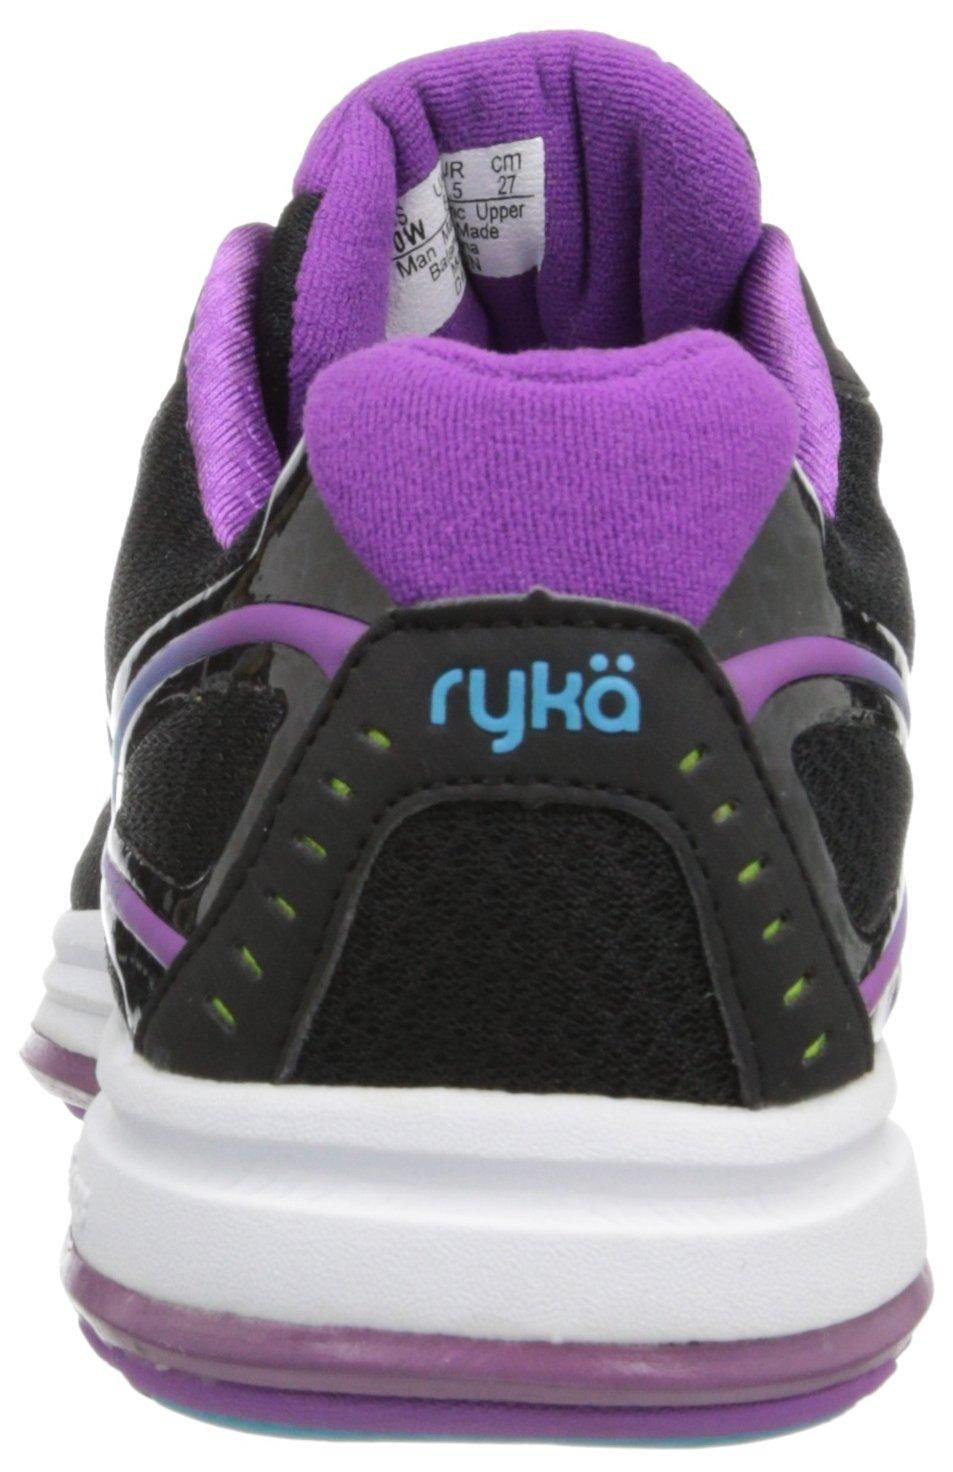 Ryka Women's Devotion B(M) Walking Shoe B00ISMJUJ4 10 B(M) Devotion US|Black/Dark Purple/Light Blue 7fcdca